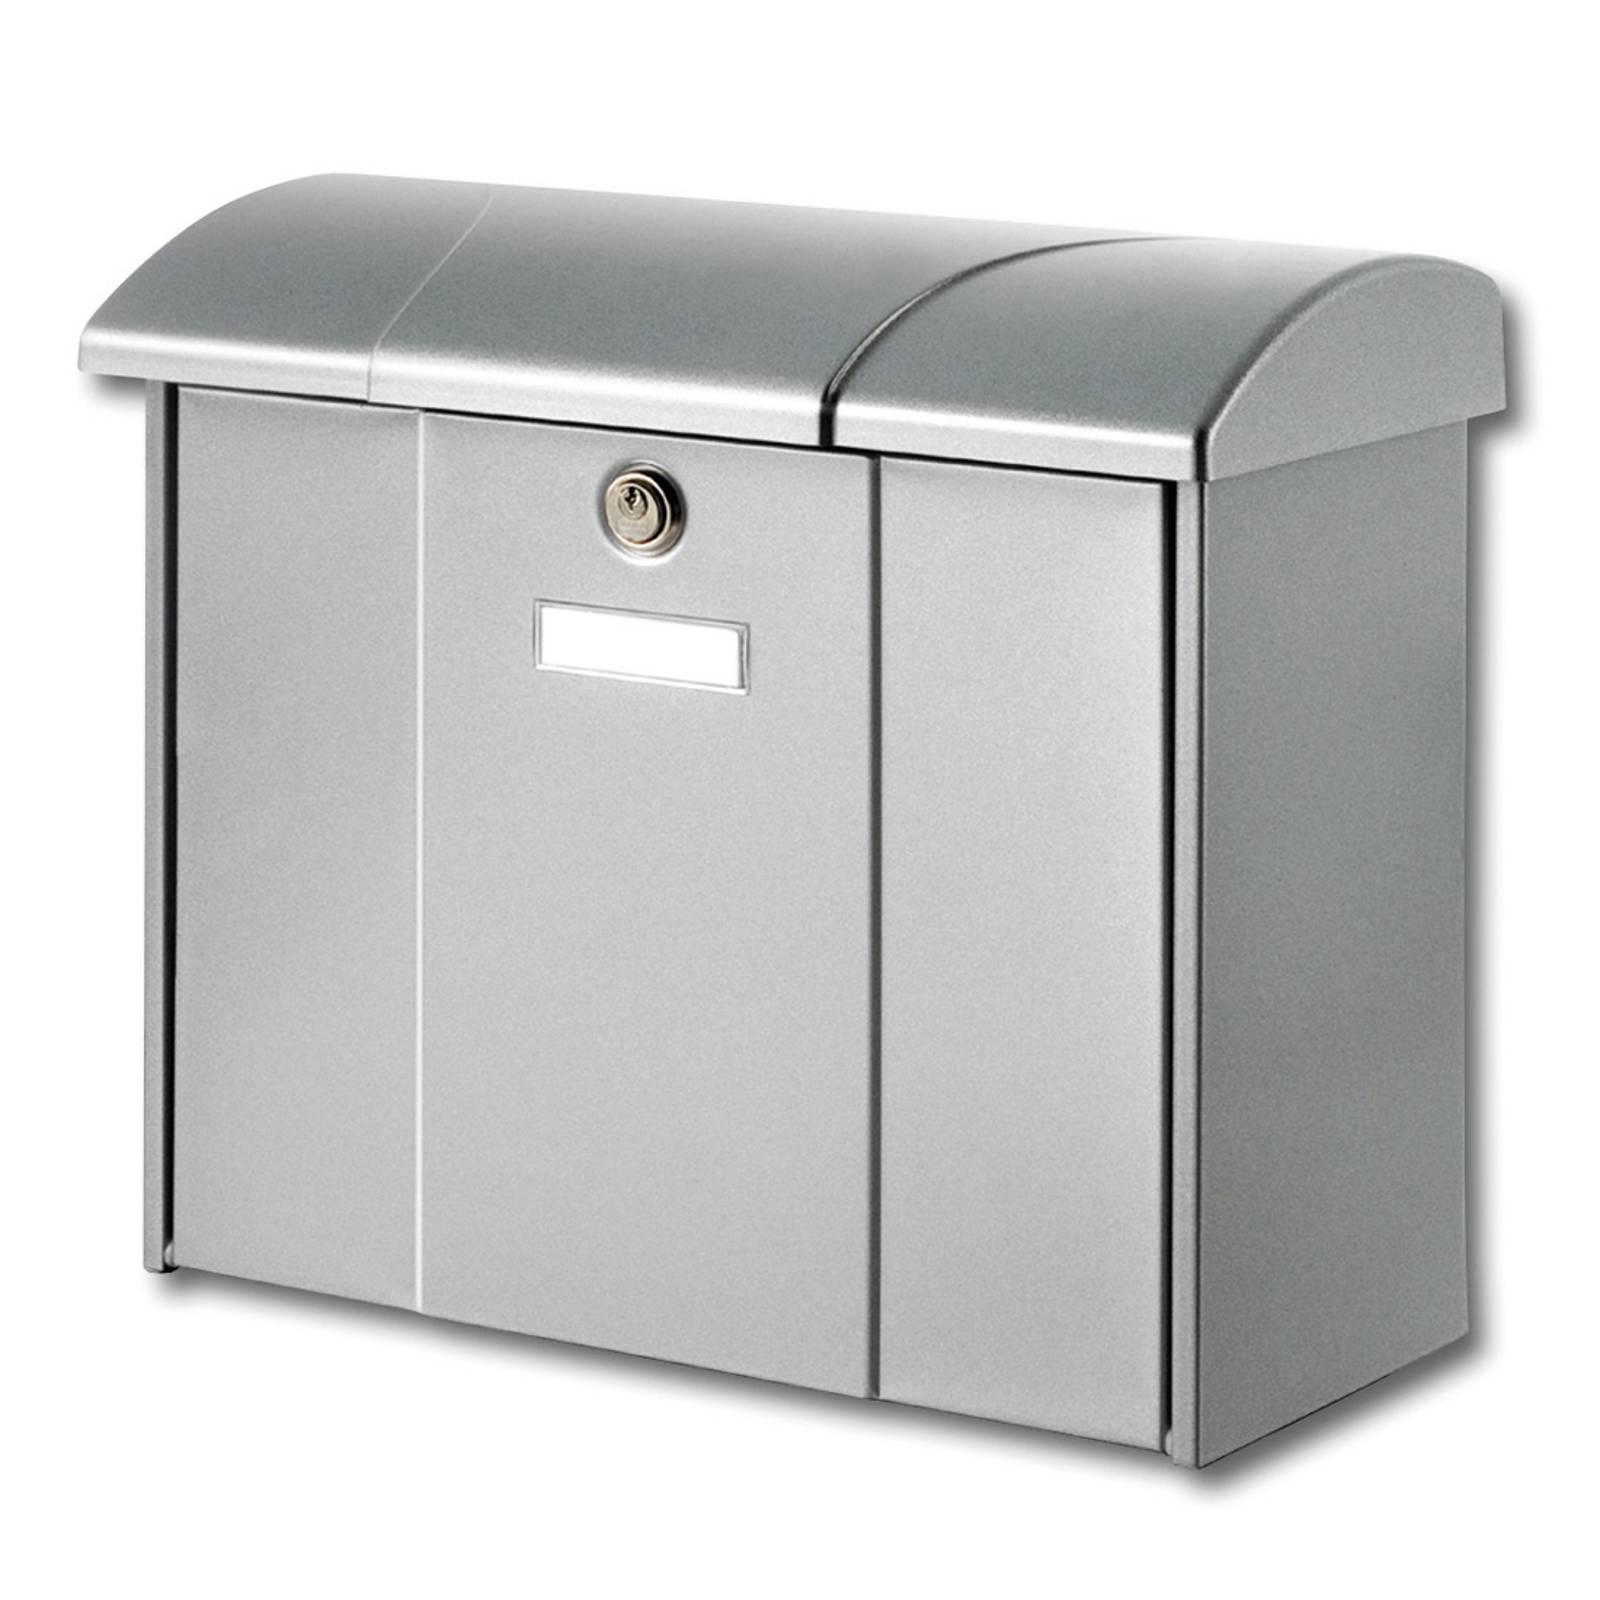 Olymp-postilaatikko, hopea